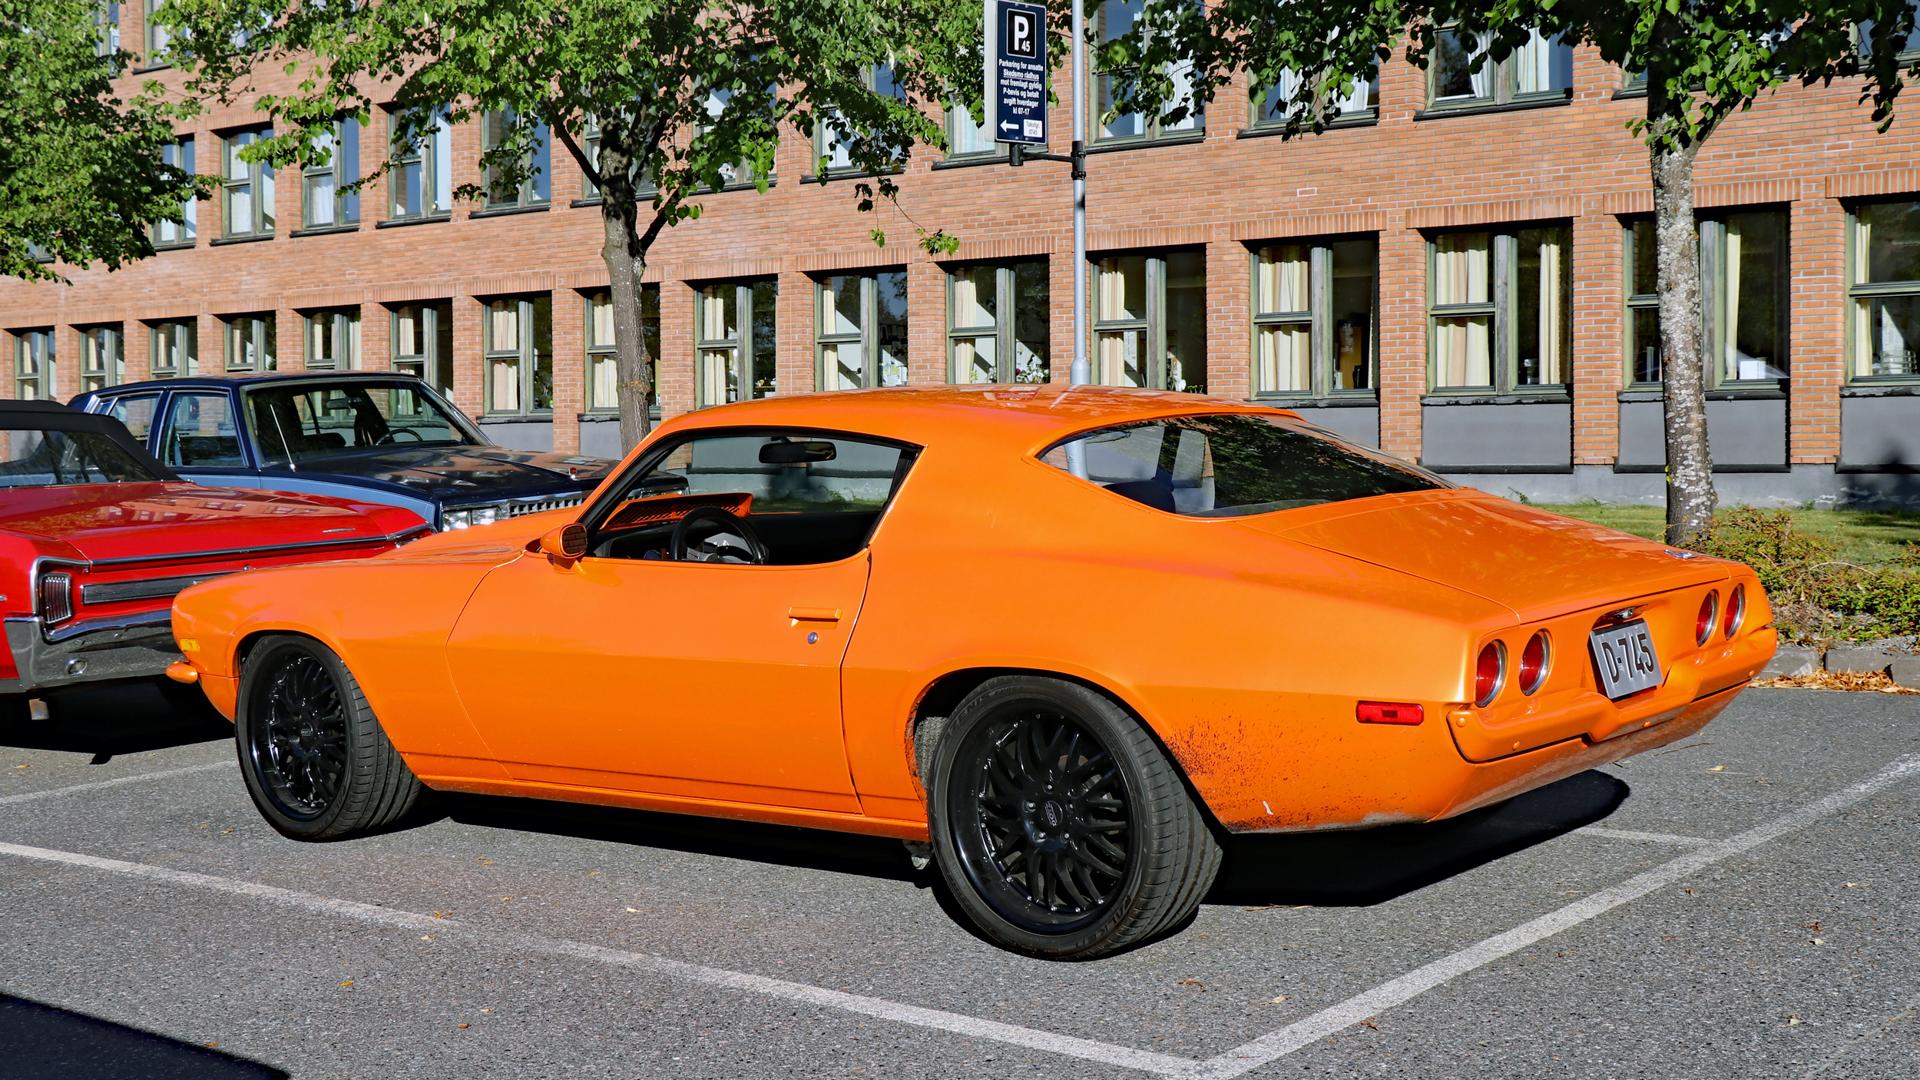 050-1970 Chevrolet Camaro 02. Eiere- medlem Randi